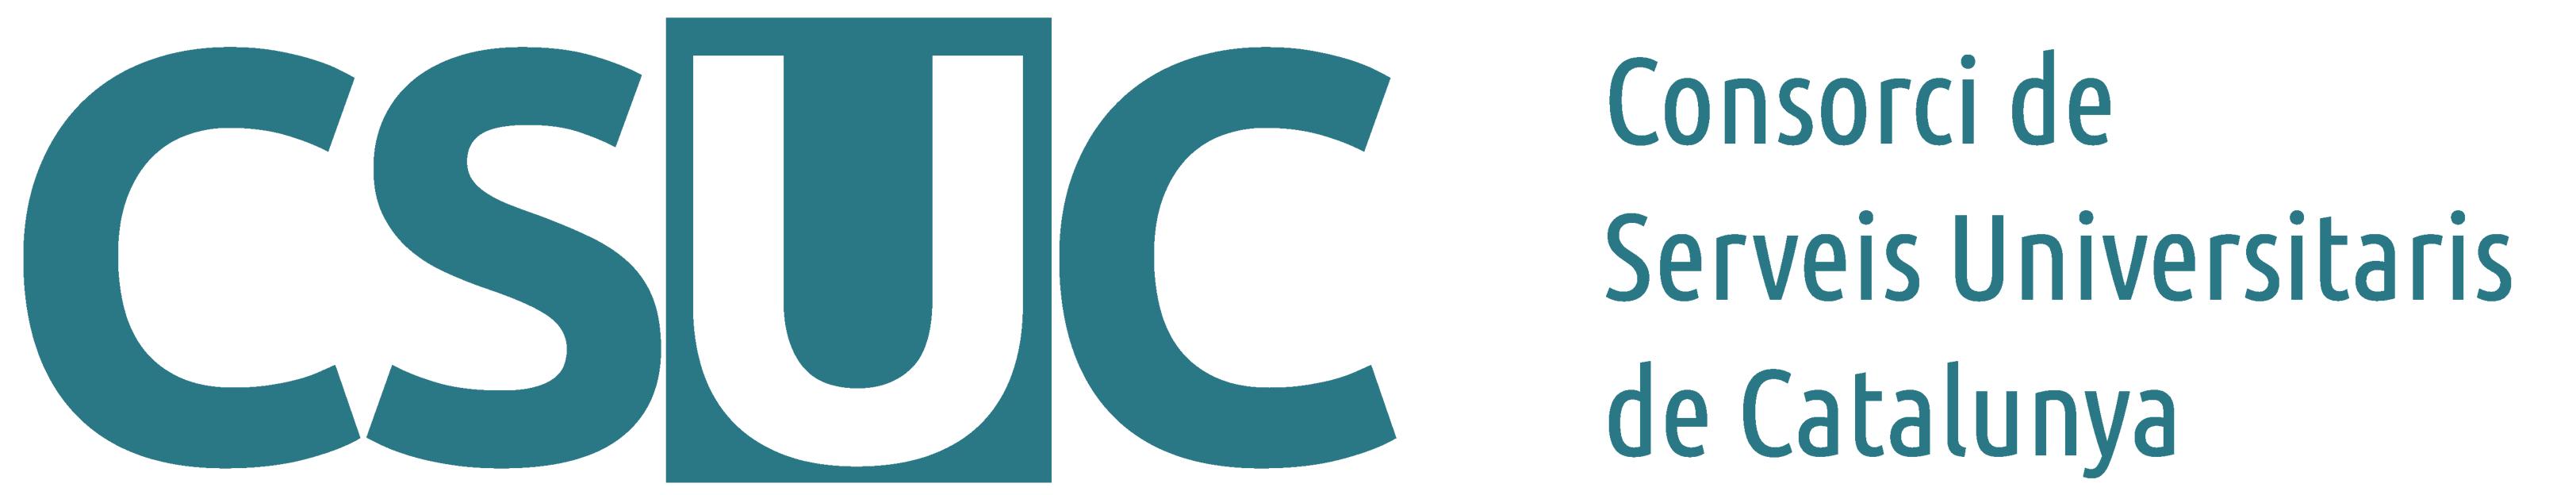 csuc_logotip